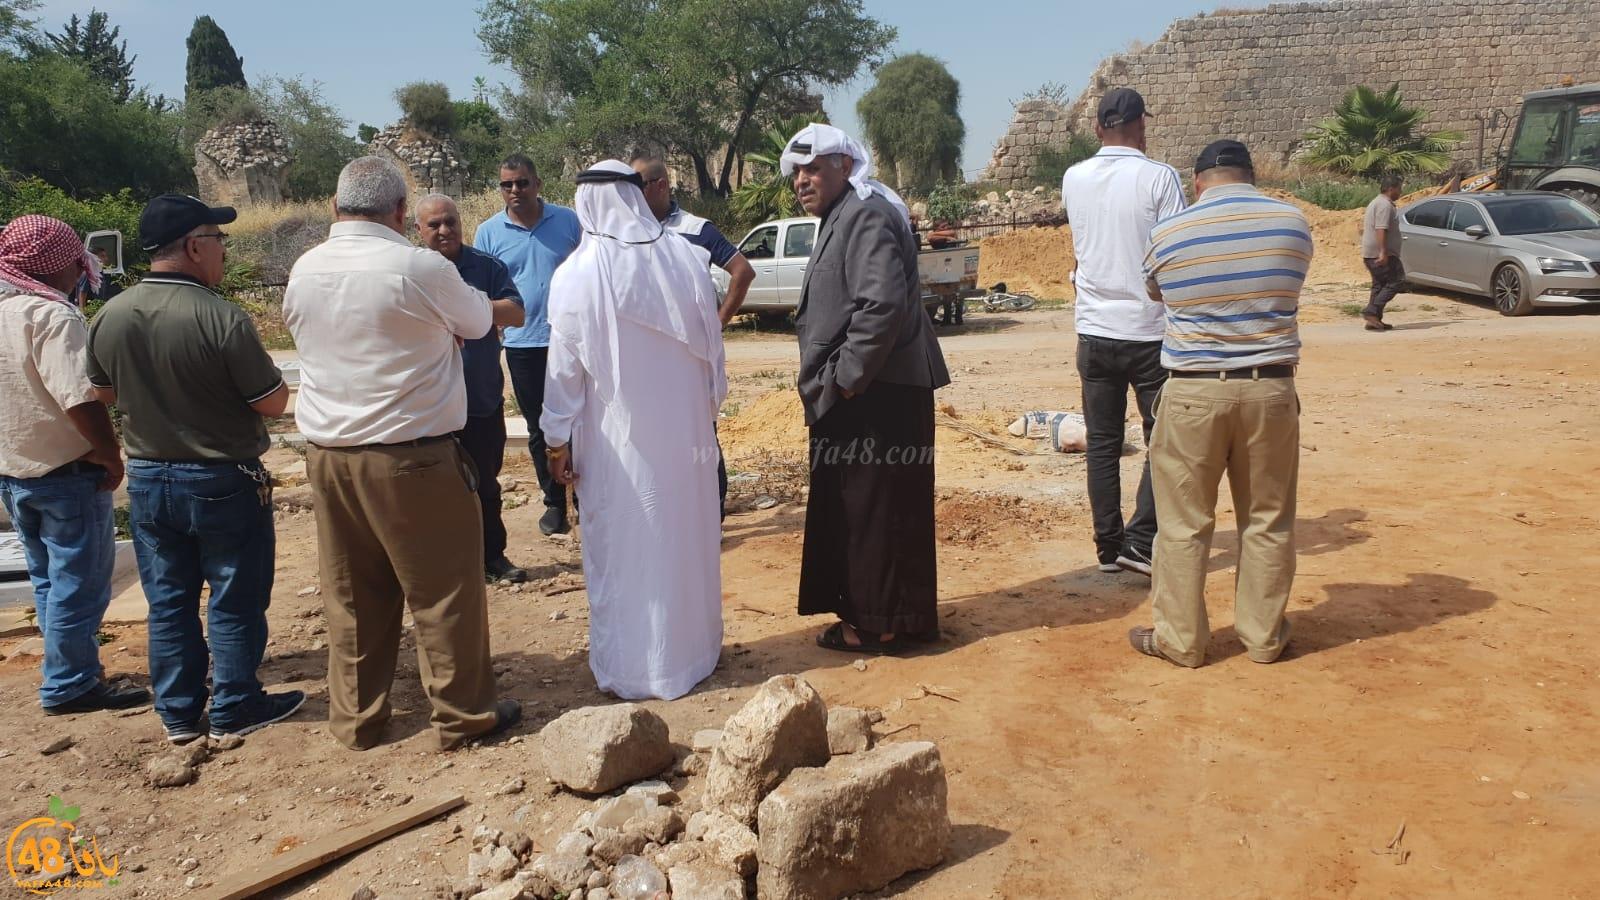 بالفيديو: جمع غفير من أهالي الرملة يشيعون جثمان الشاب أكرم أبو عامر